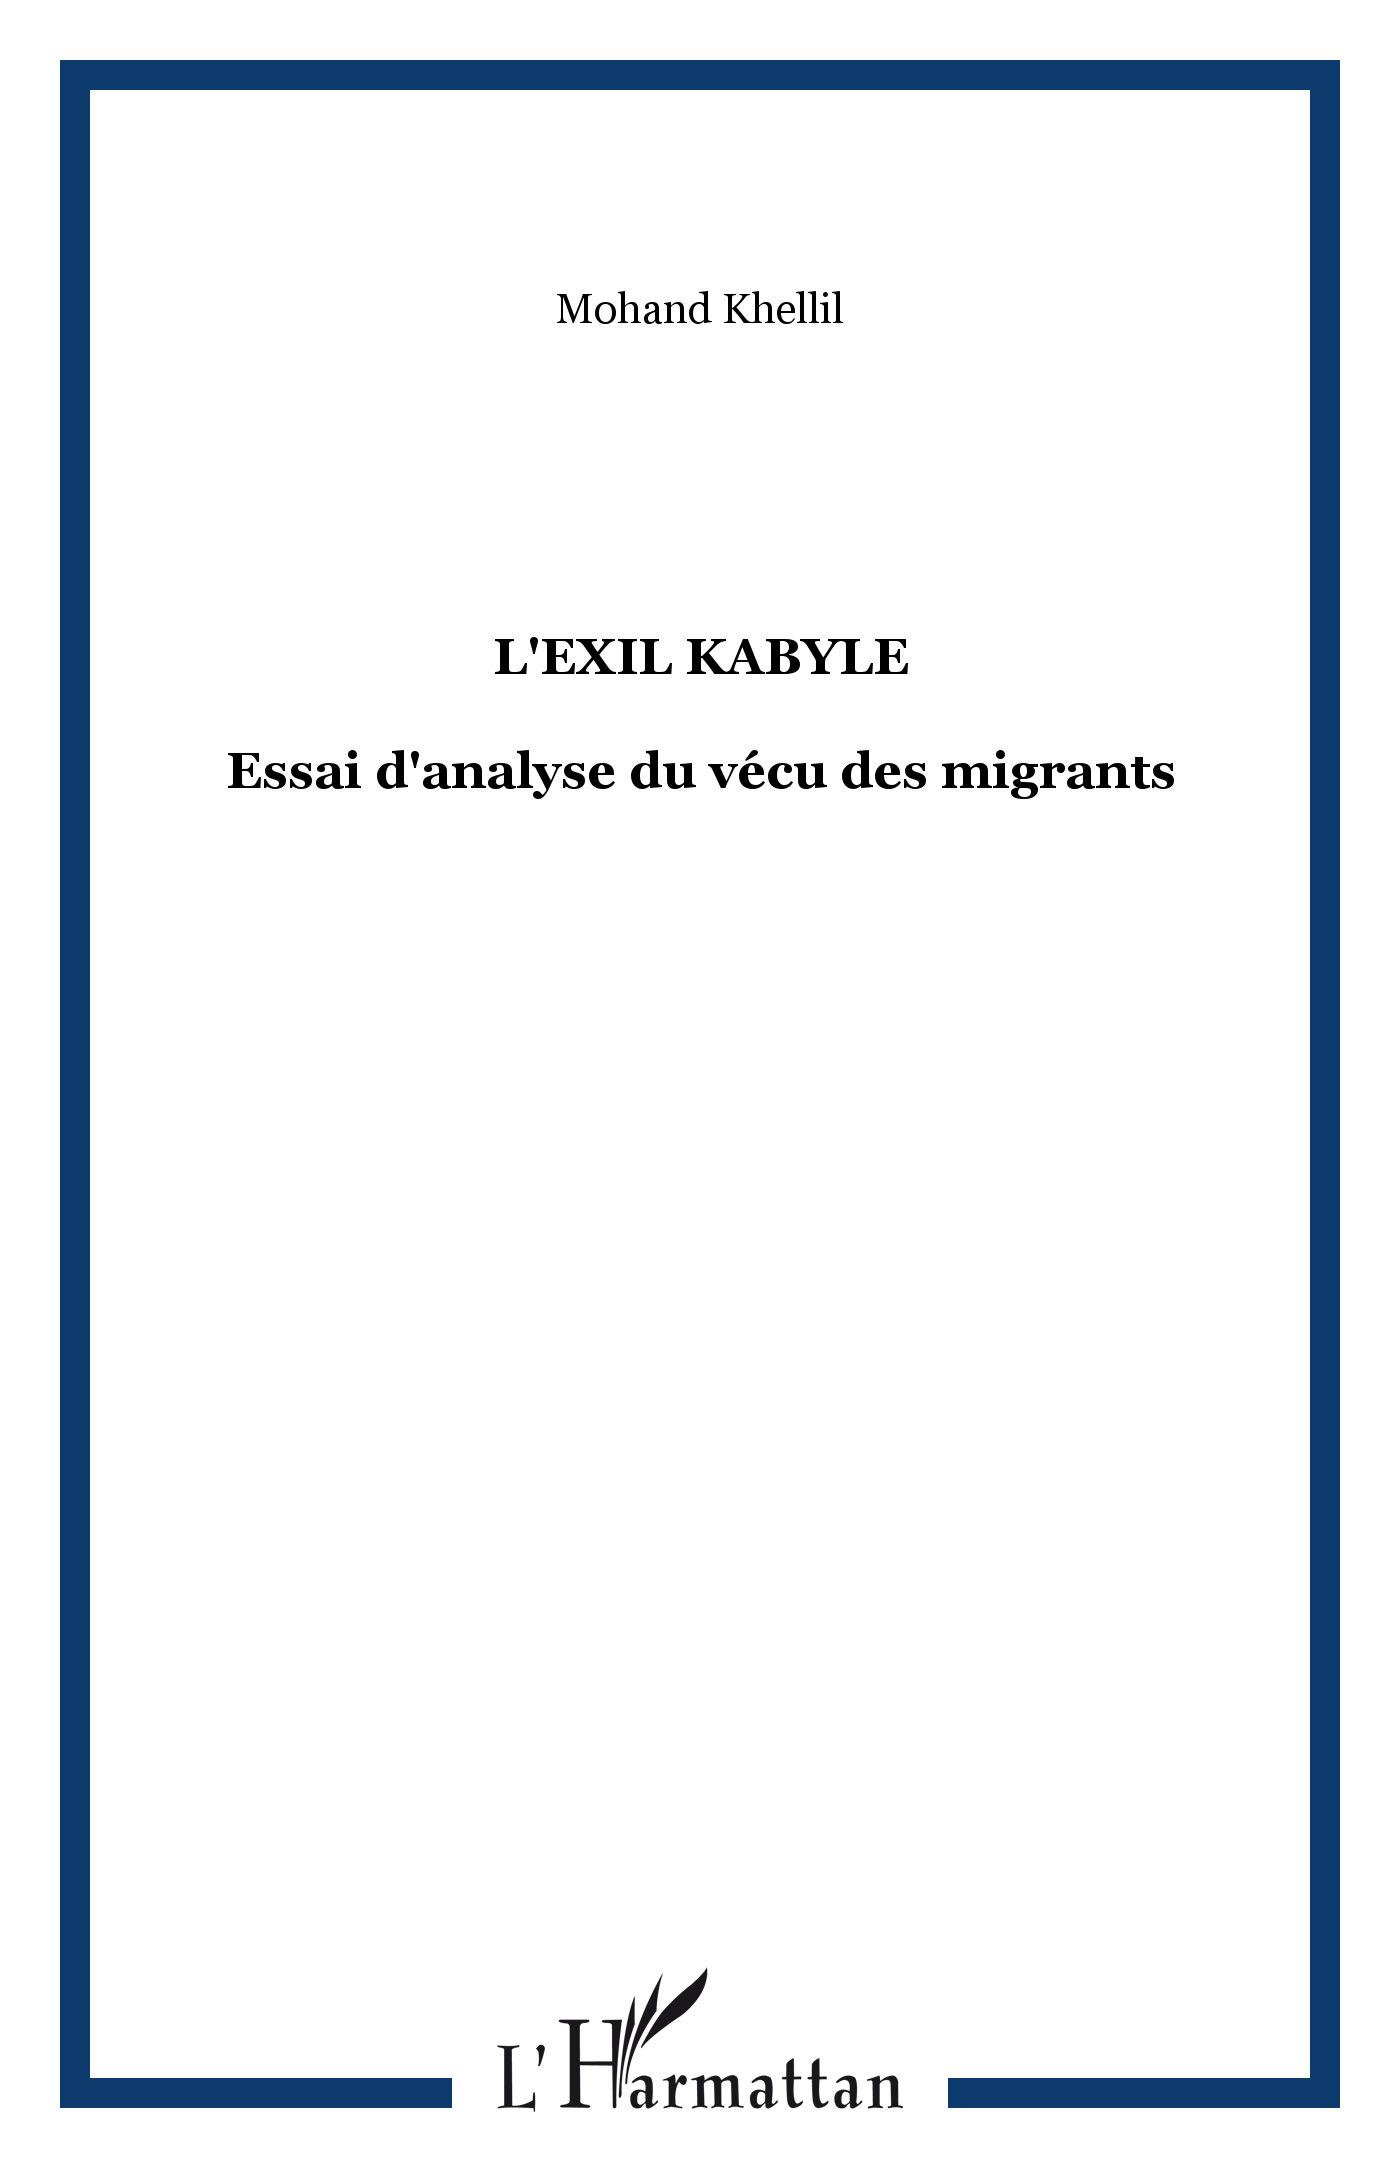 L'exil kabyle